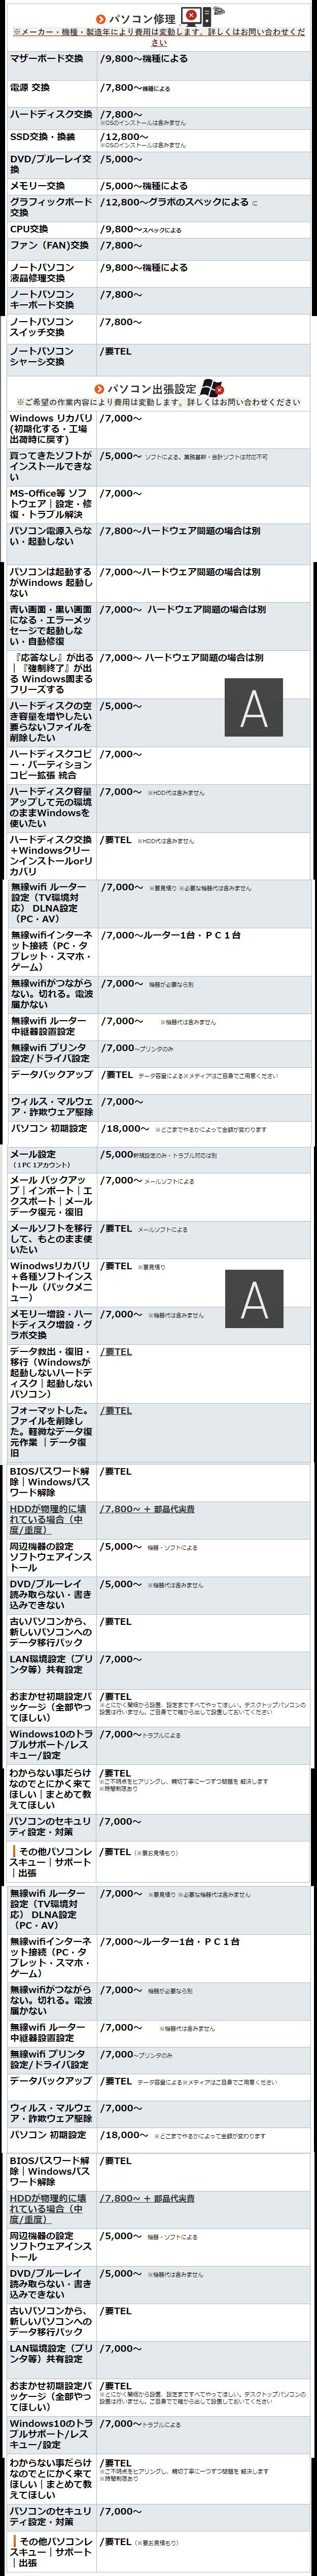 パソコン修理料金表横浜市